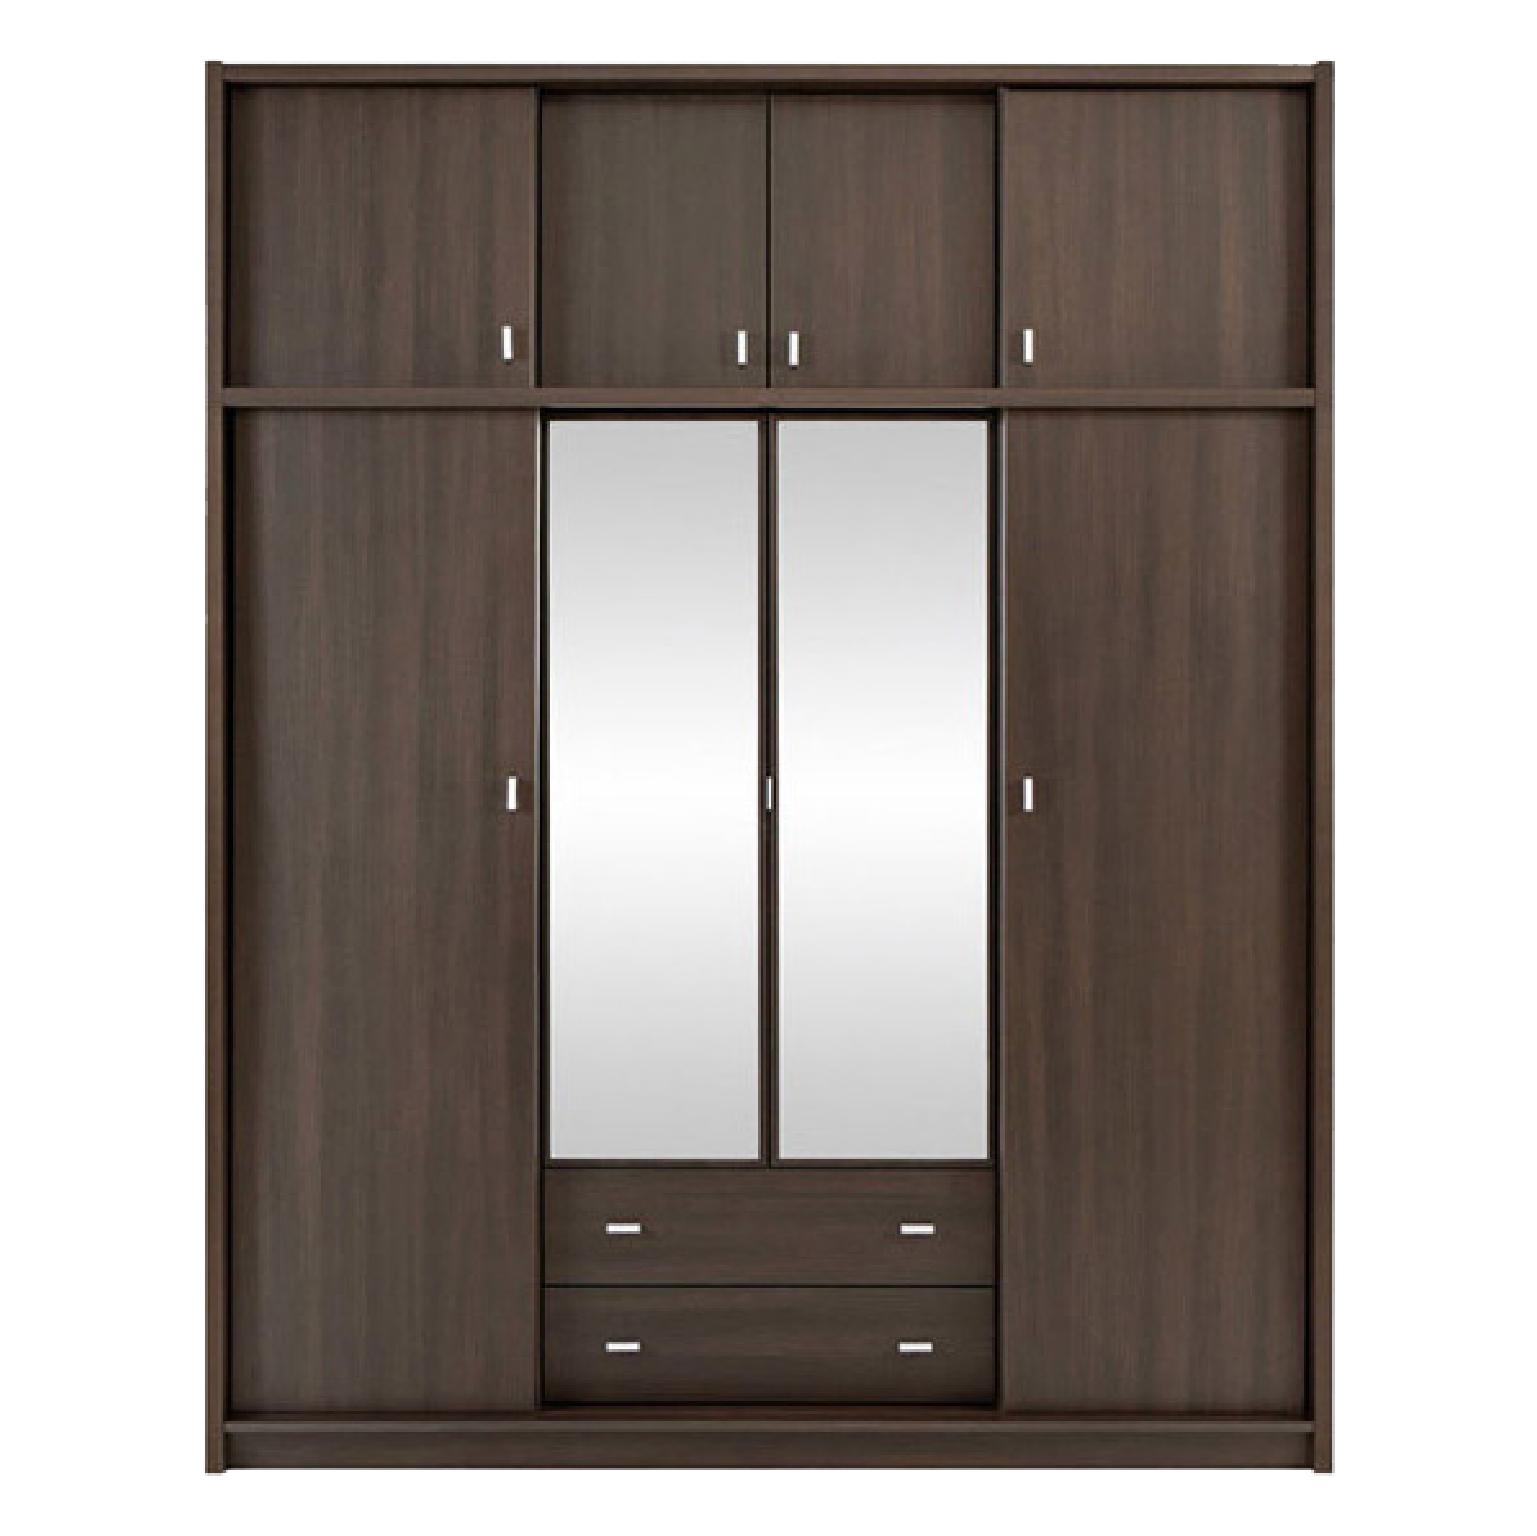 Шкаф ШК-711 шкаф витрина мебель смоленск шк 07